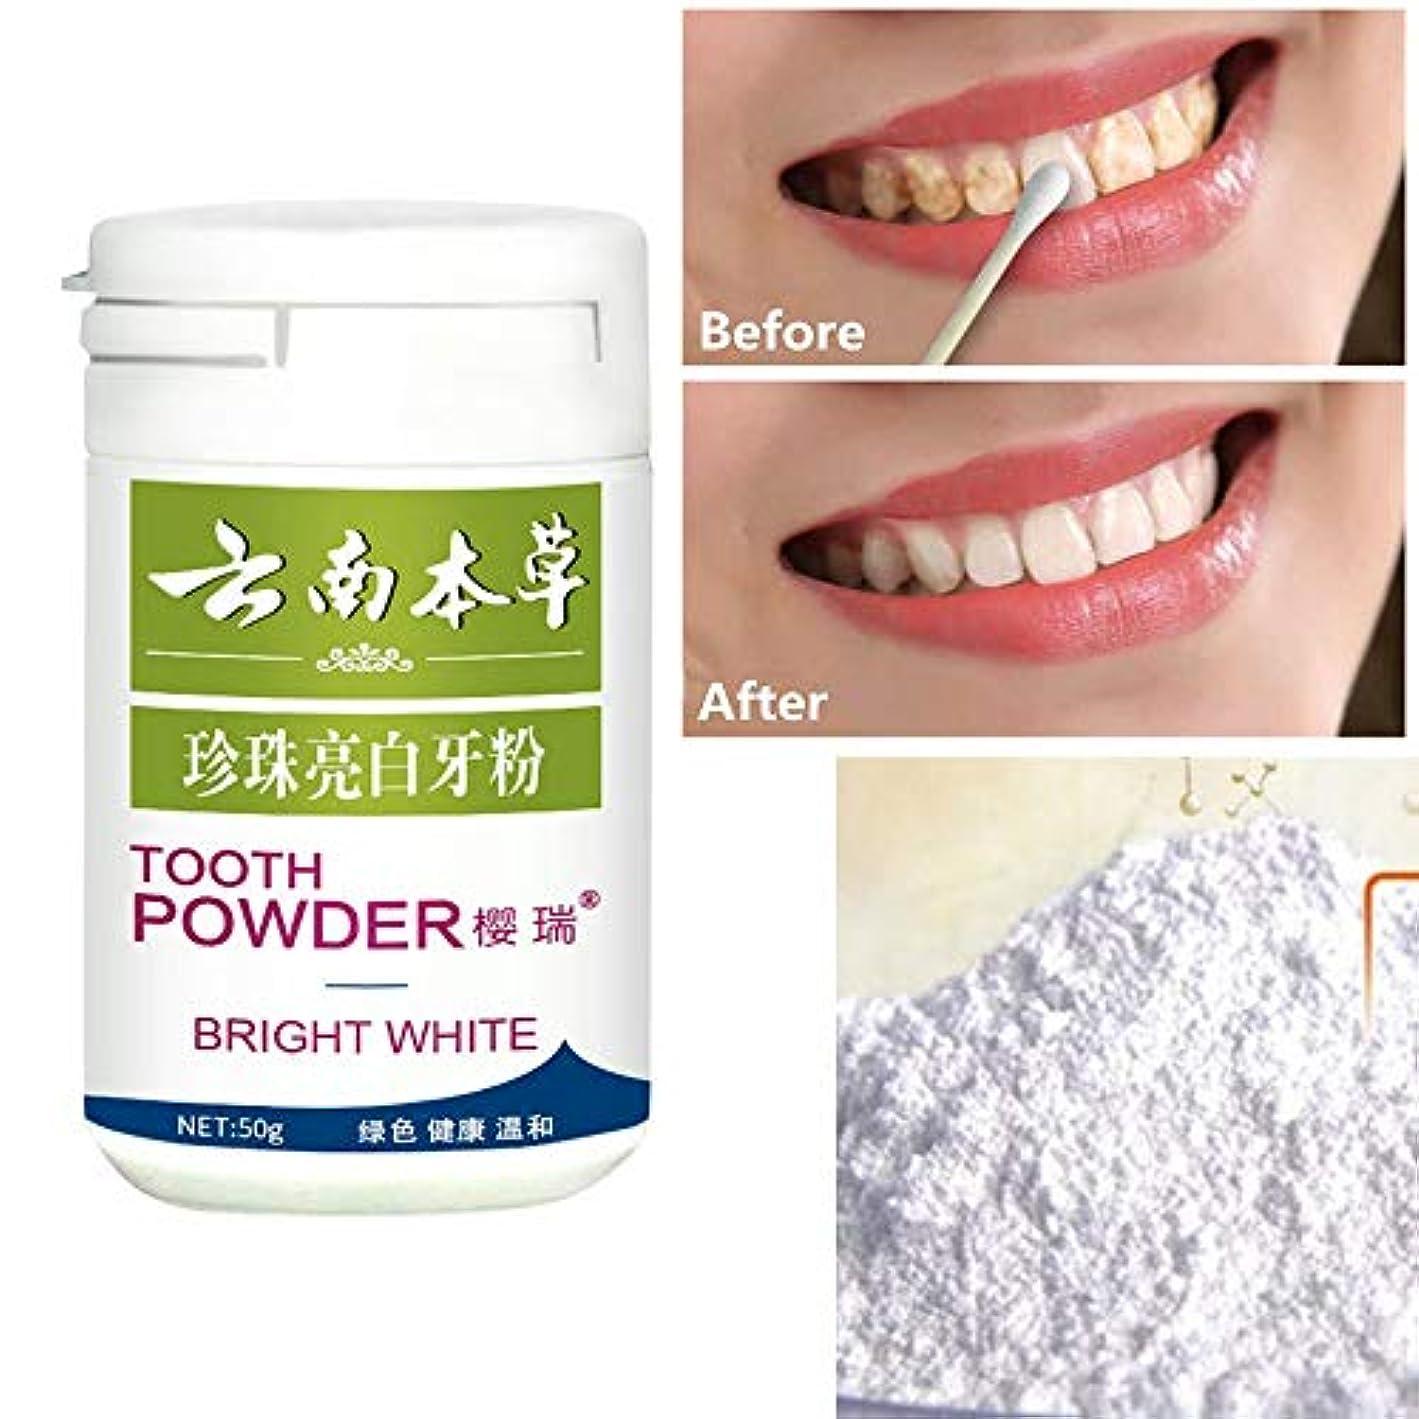 感じ痛い放棄する50gホワイトニング歯のケア口臭を除去するプラーク歯磨き粉粉末をきれいにする歯の歯石の歯石除去の汚れ